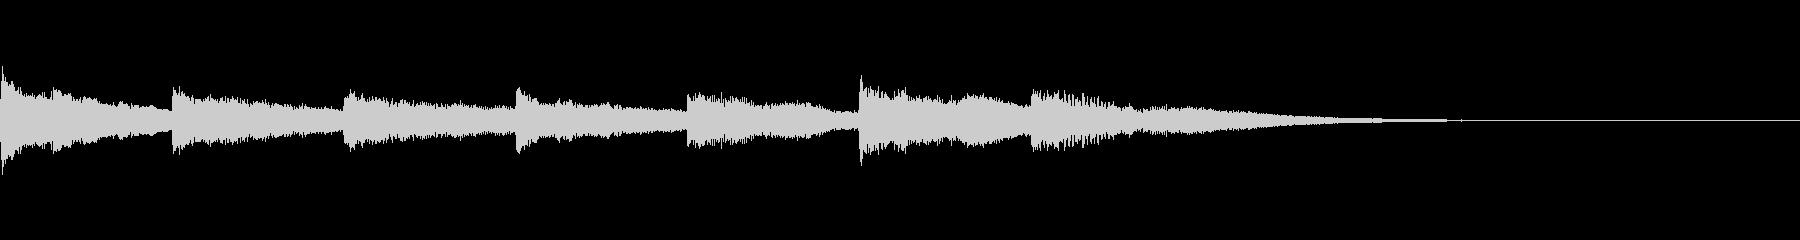 優しいチャイム風サウンドロゴの未再生の波形